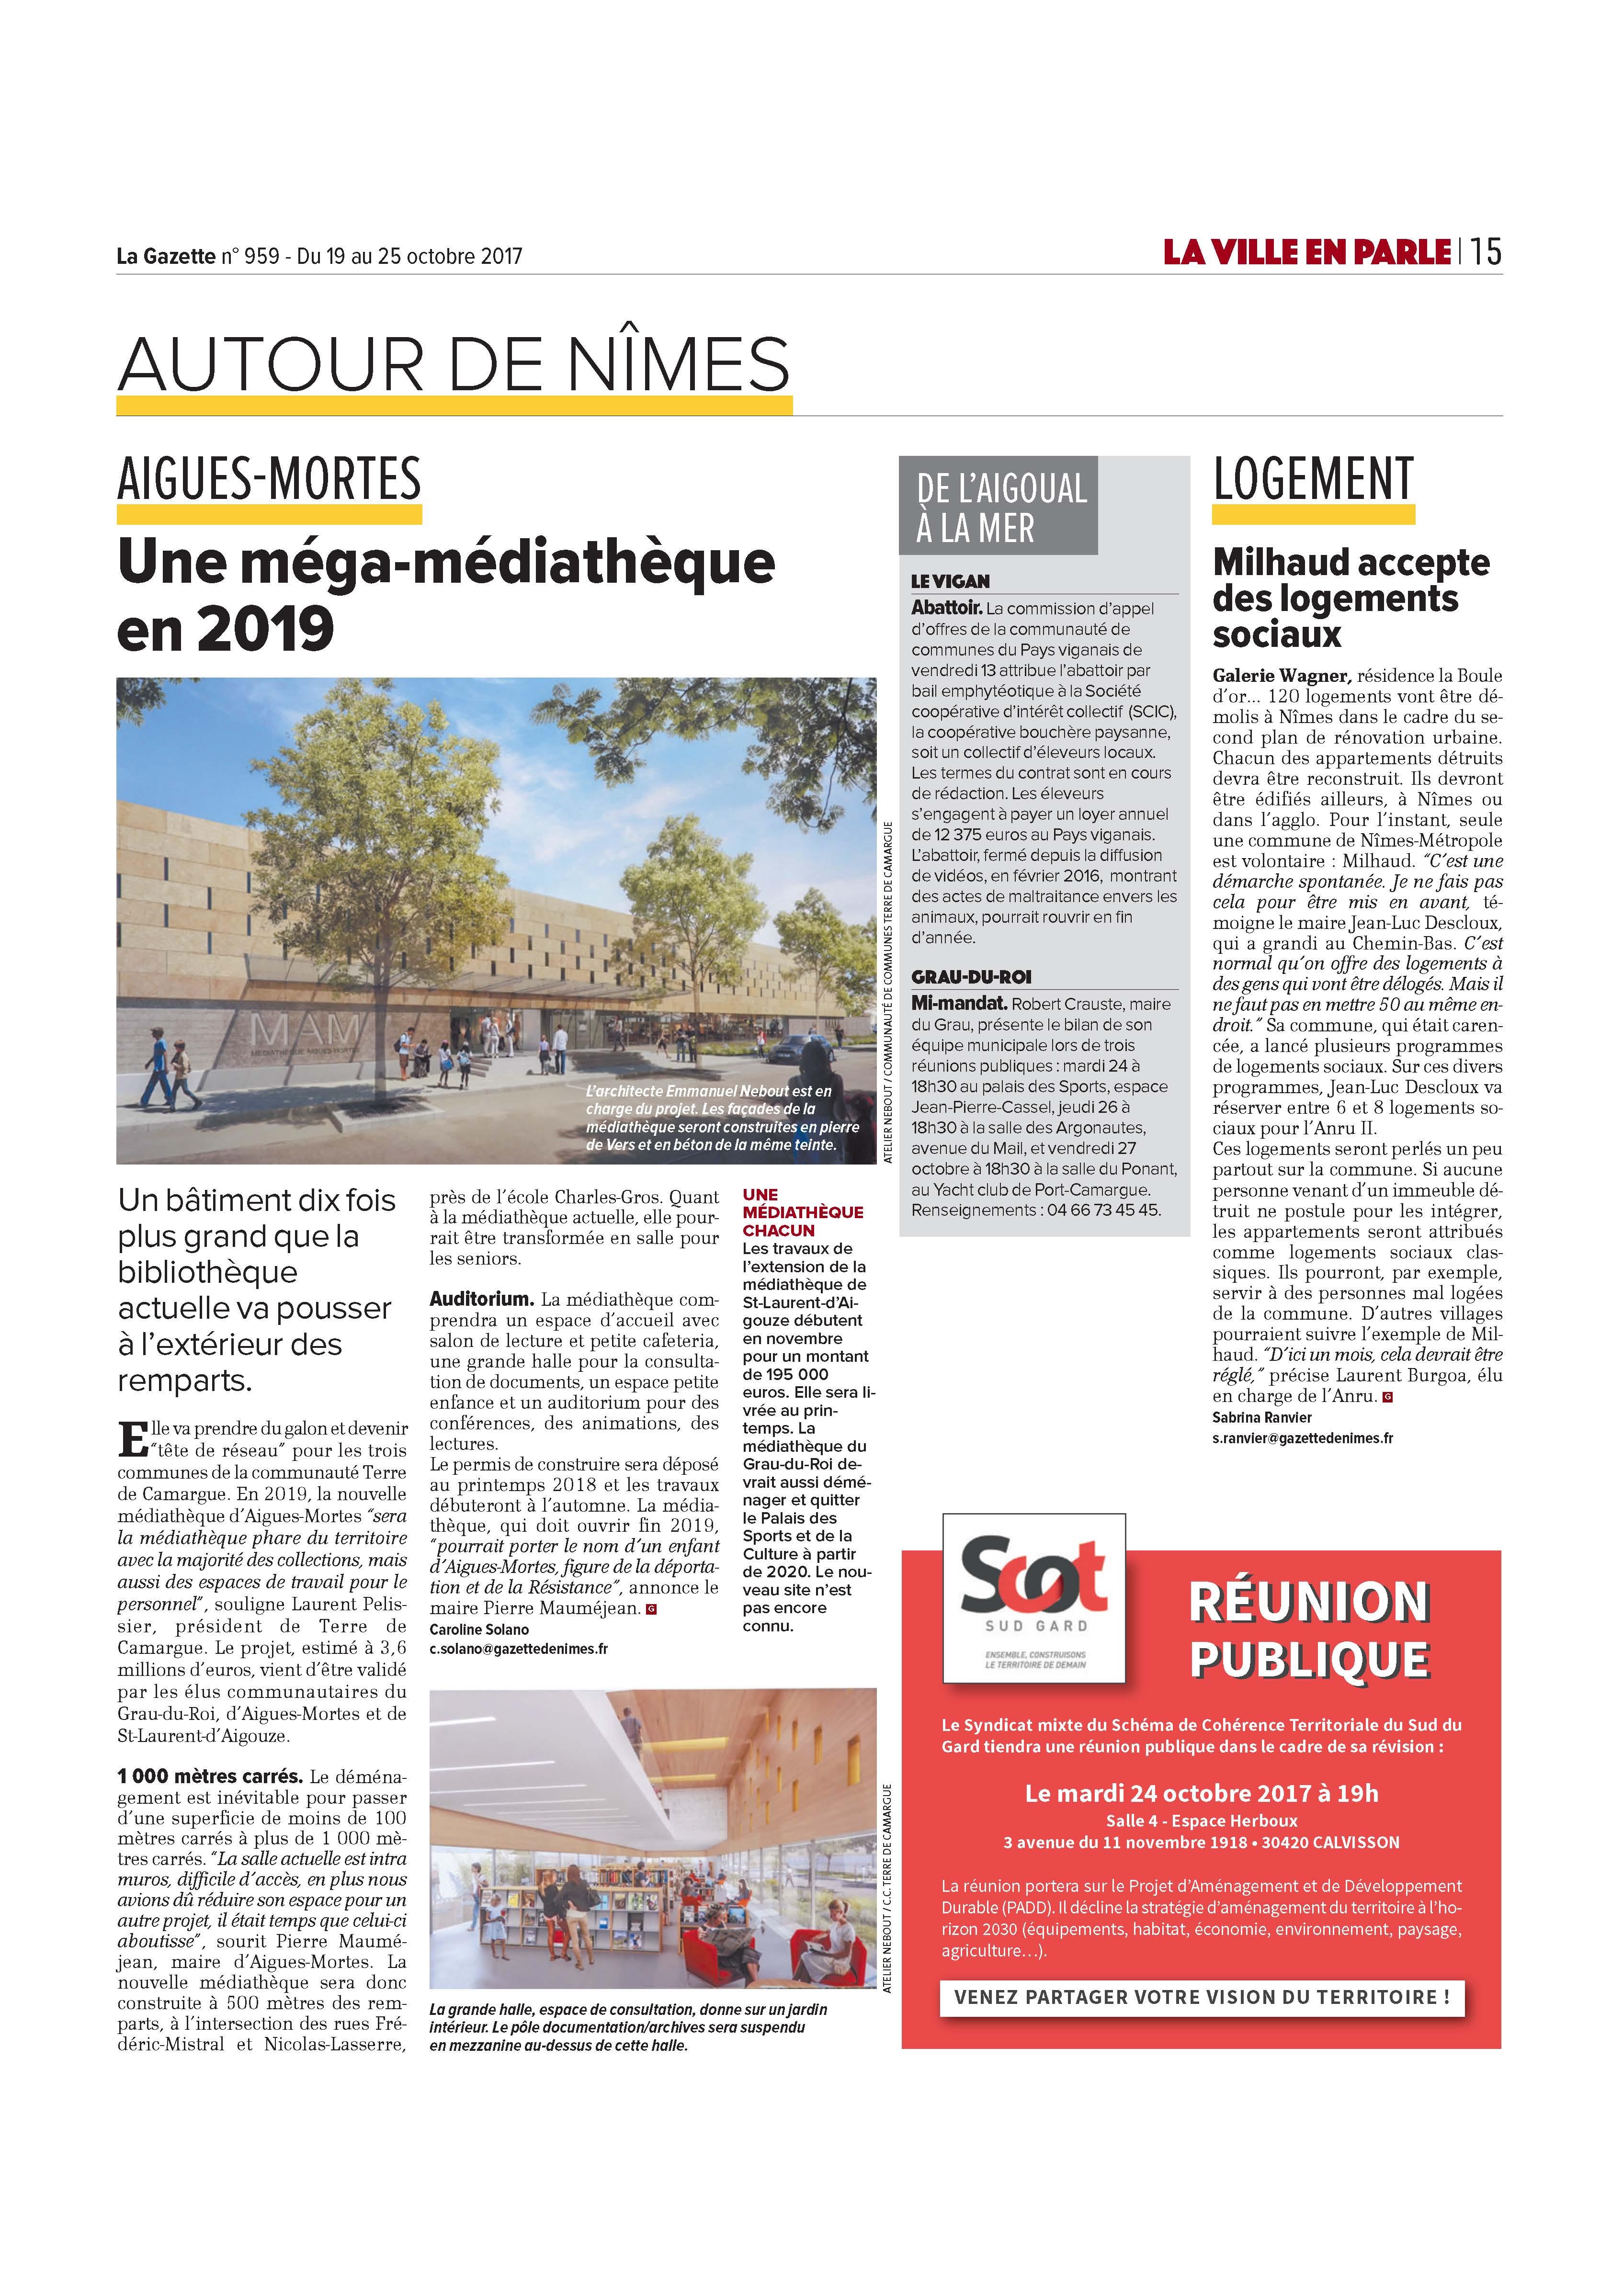 La Gazette de Nîmes 10/2017